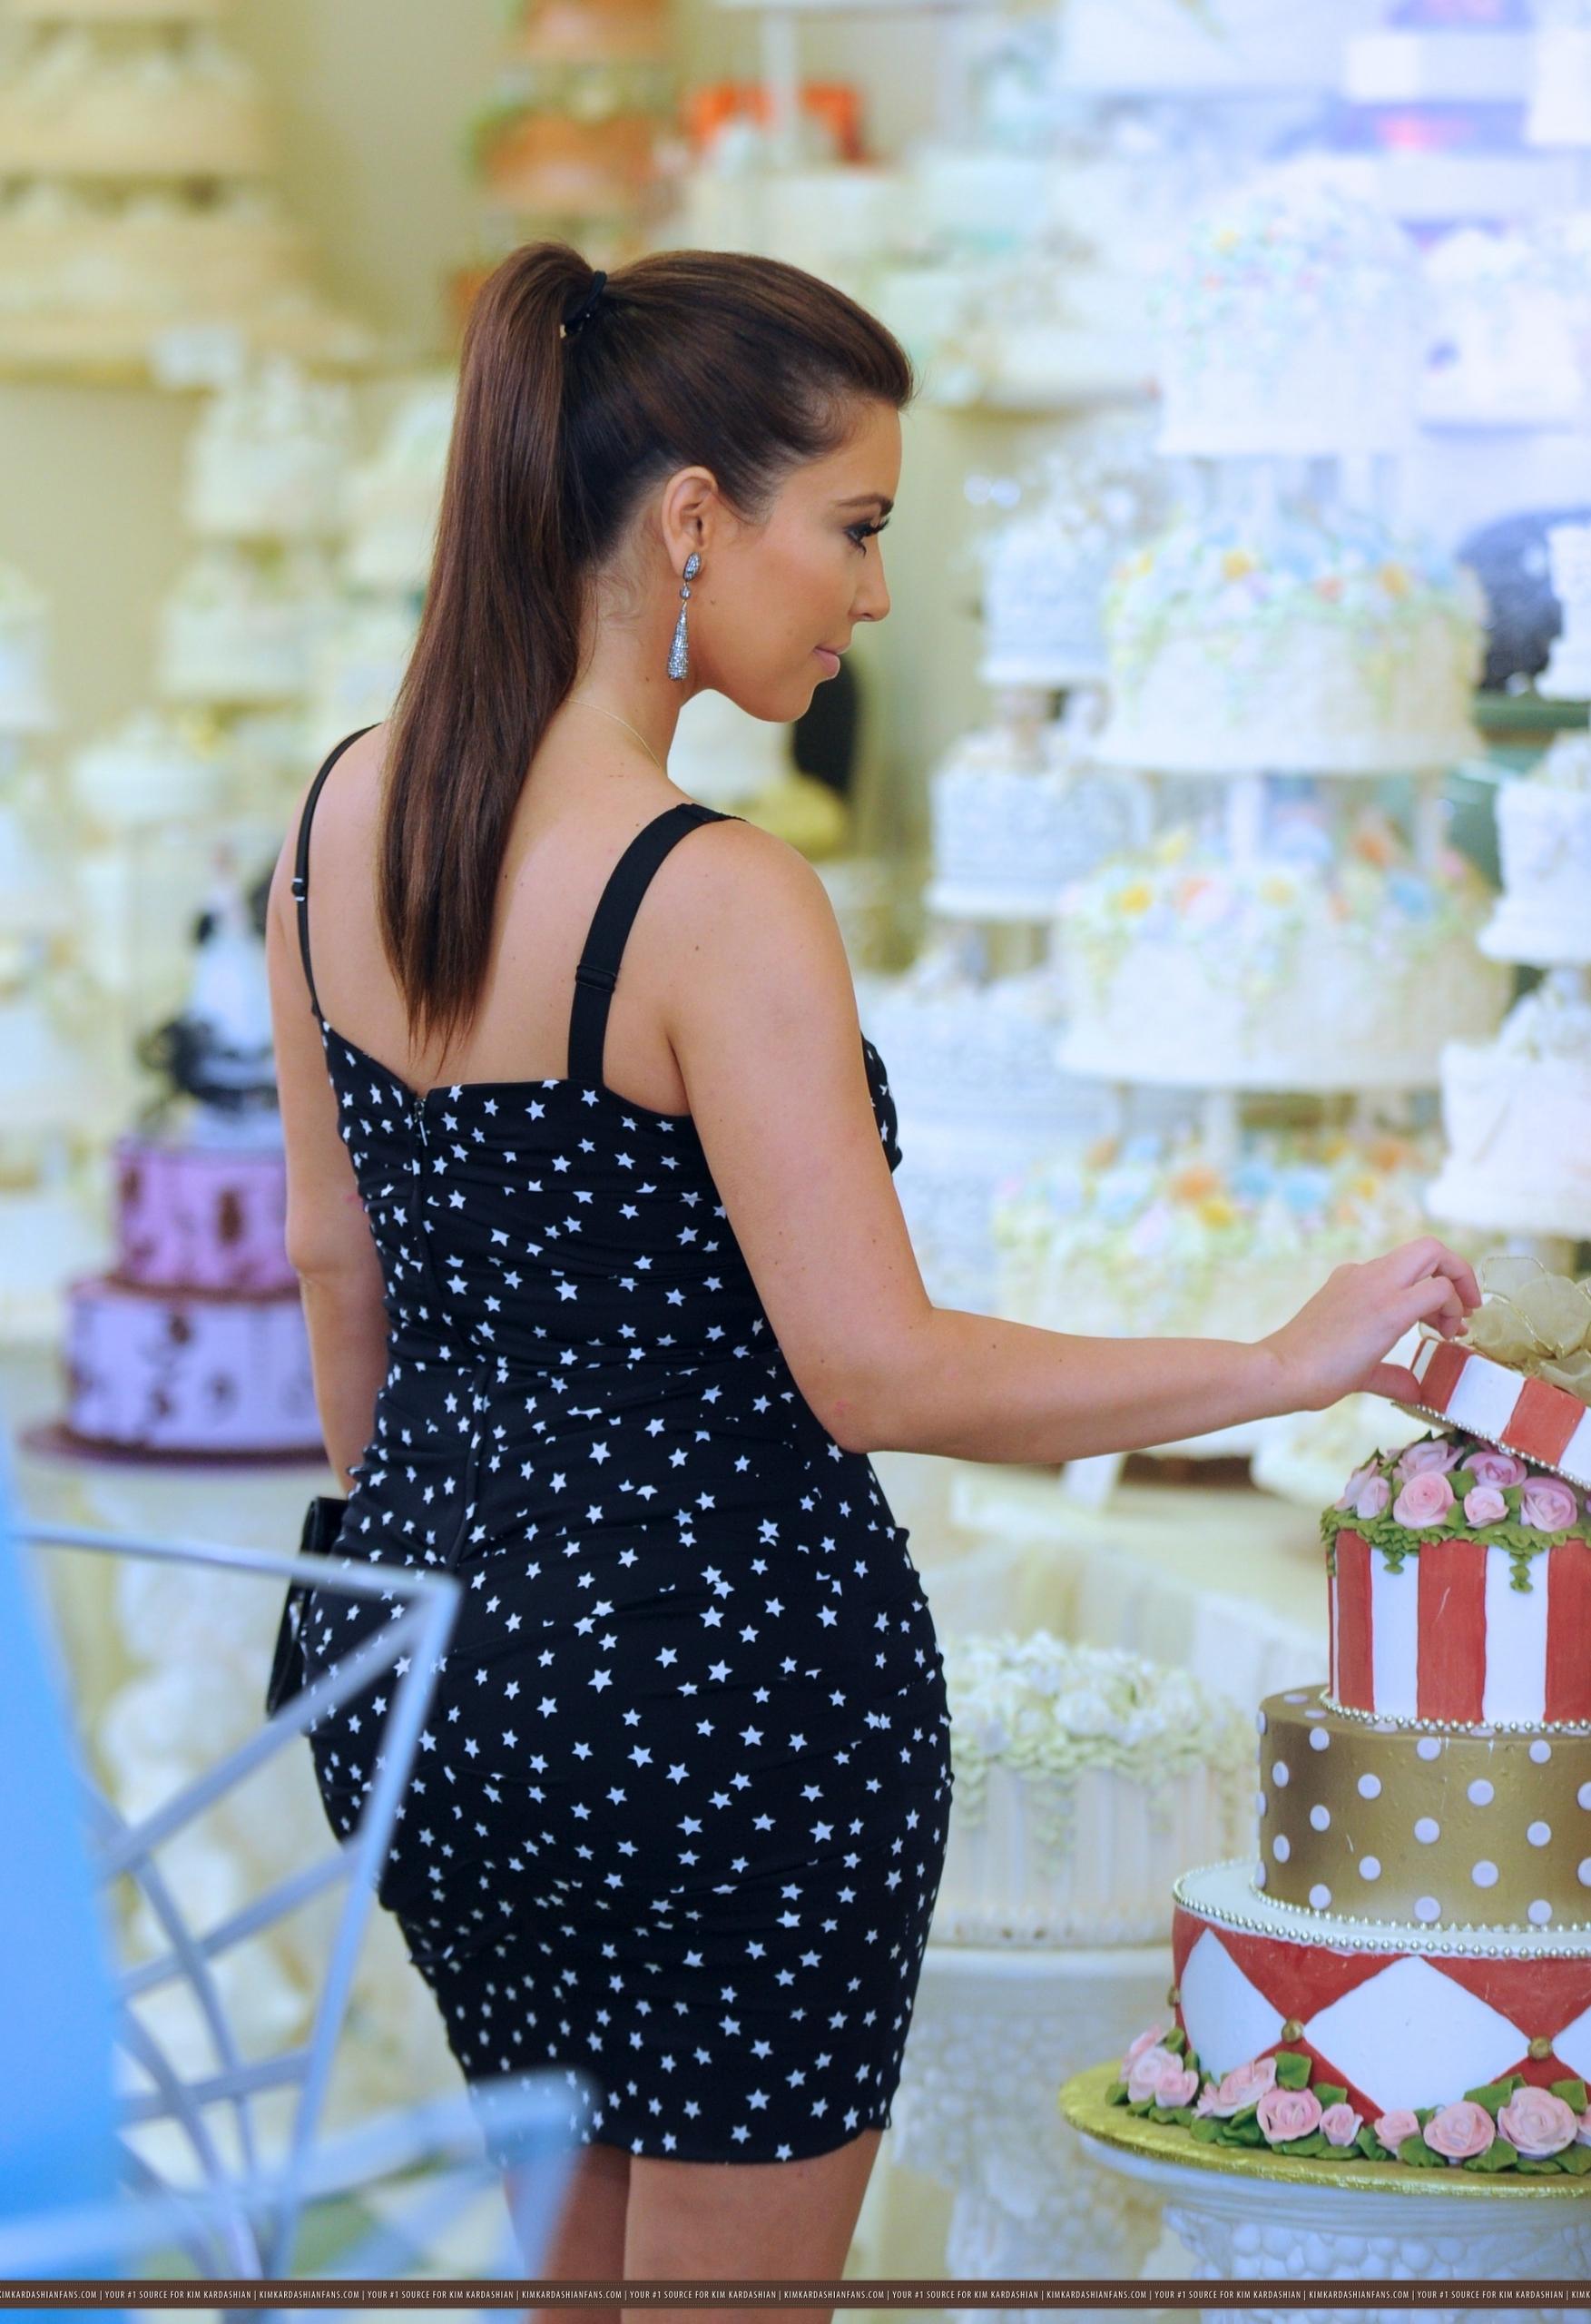 Kim And Kris comprar For A Wedding Cake At Hansen's- 7/29/11